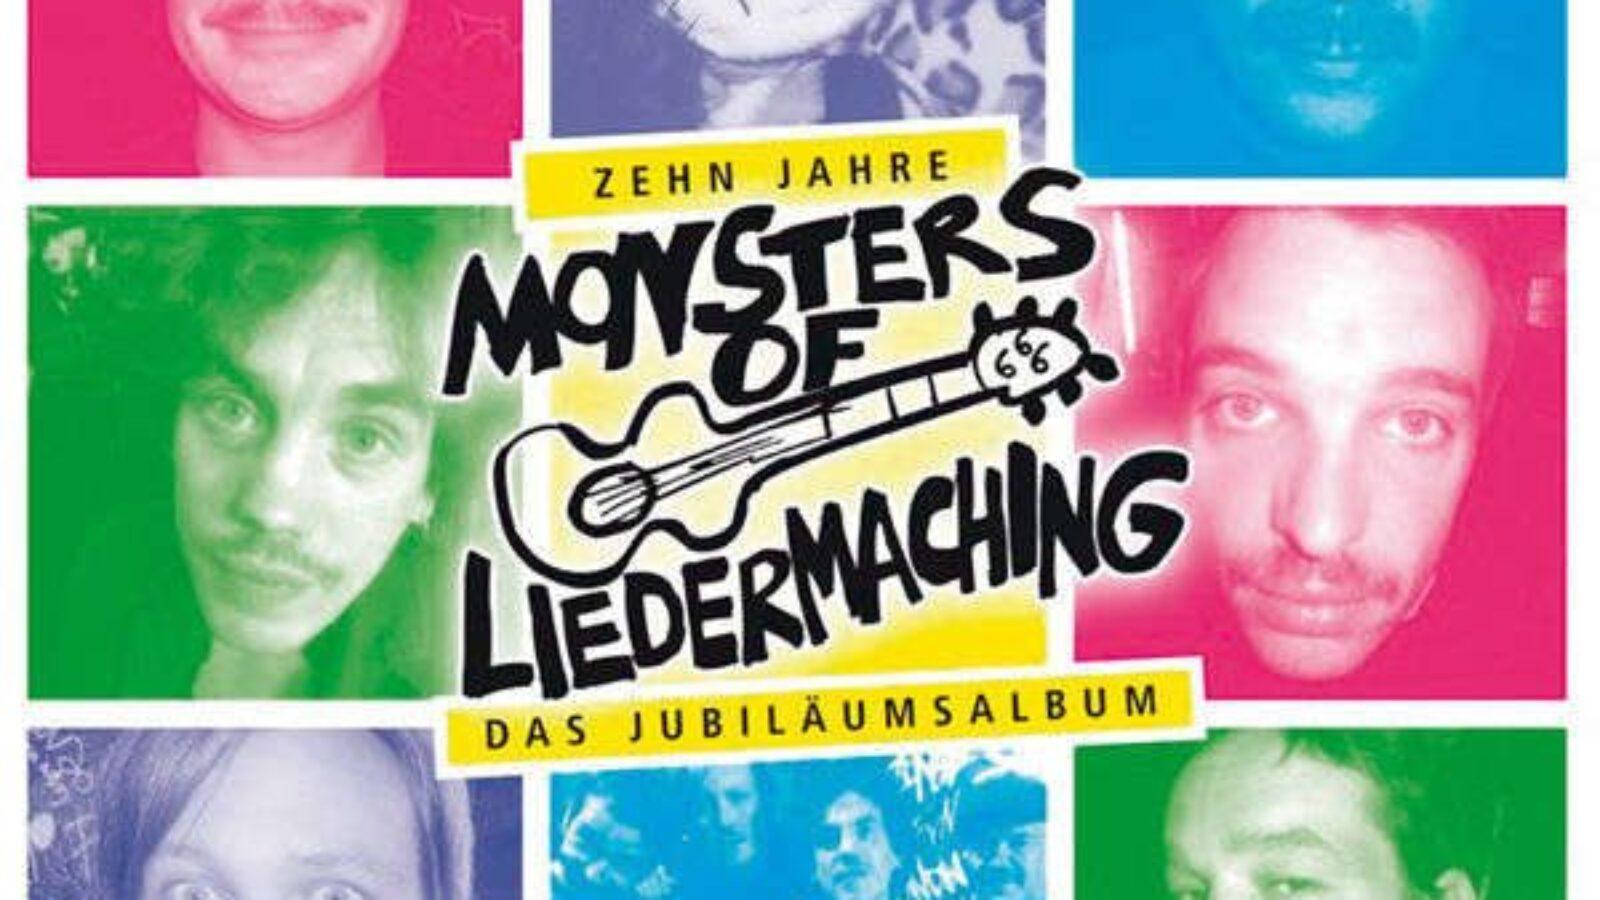 MONSTERS OF LIEDERMACHING Zehn Jahre – Das Jubiläumsalbum